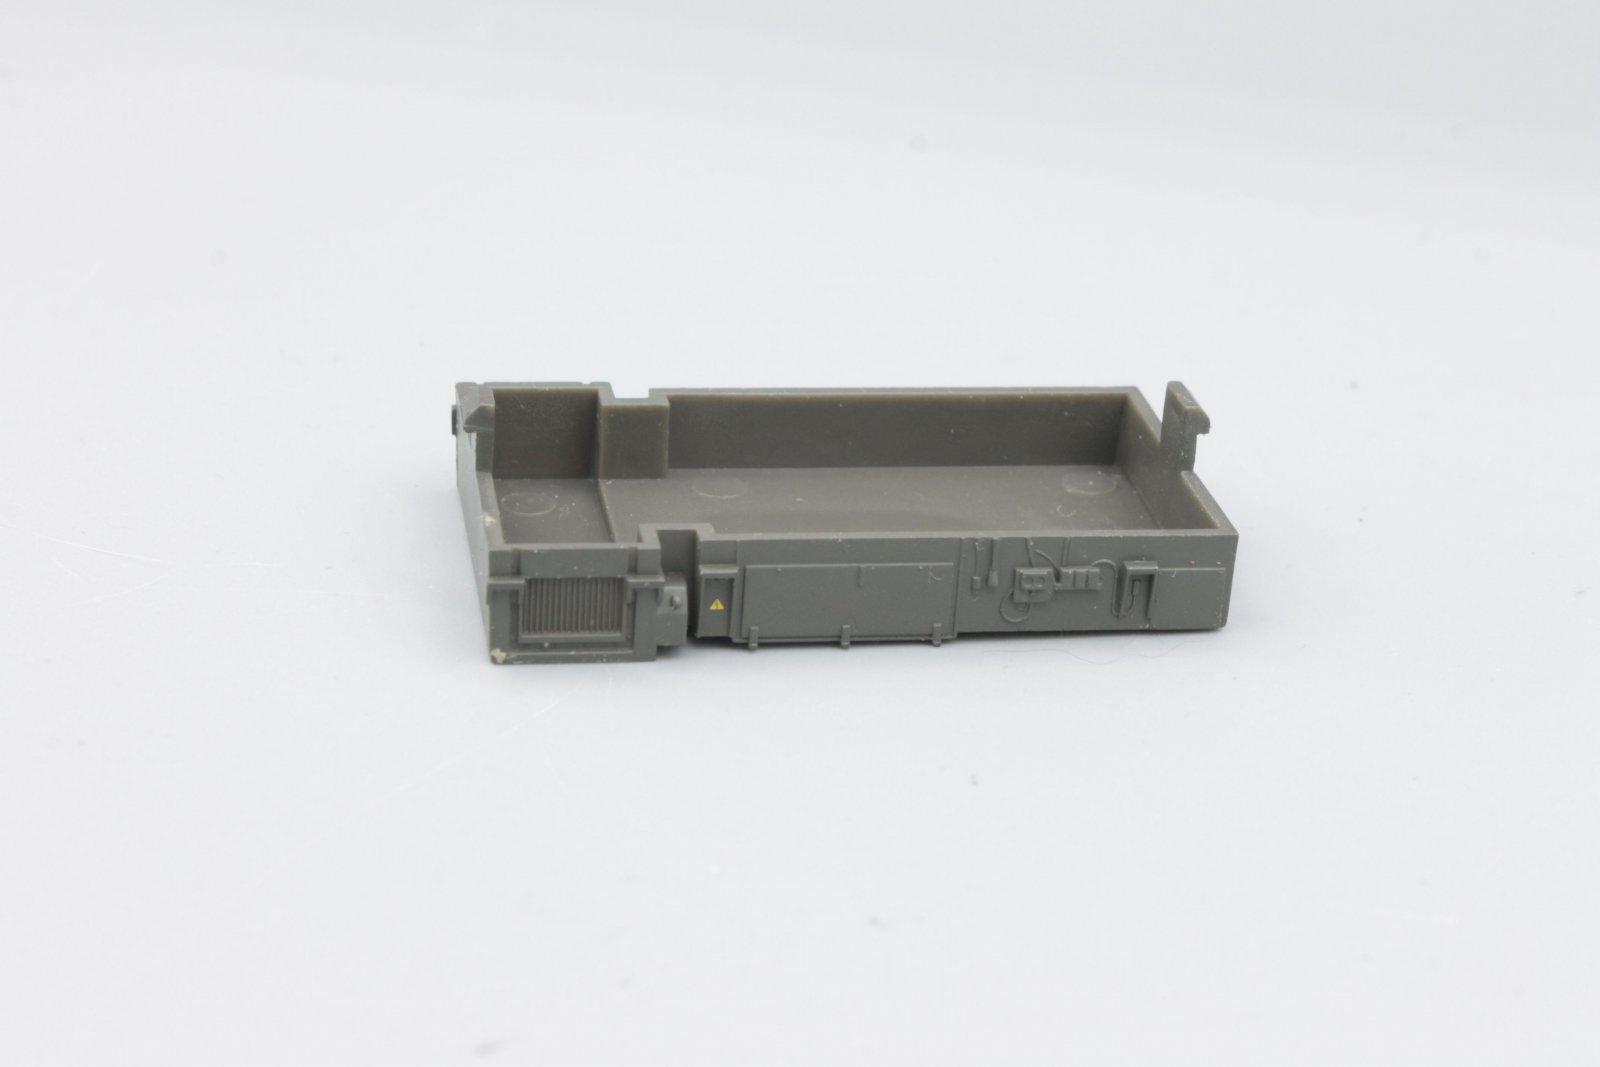 Piko Ersatzteil ER20-223-2016 Batteriekasten - 1 Stück - grau